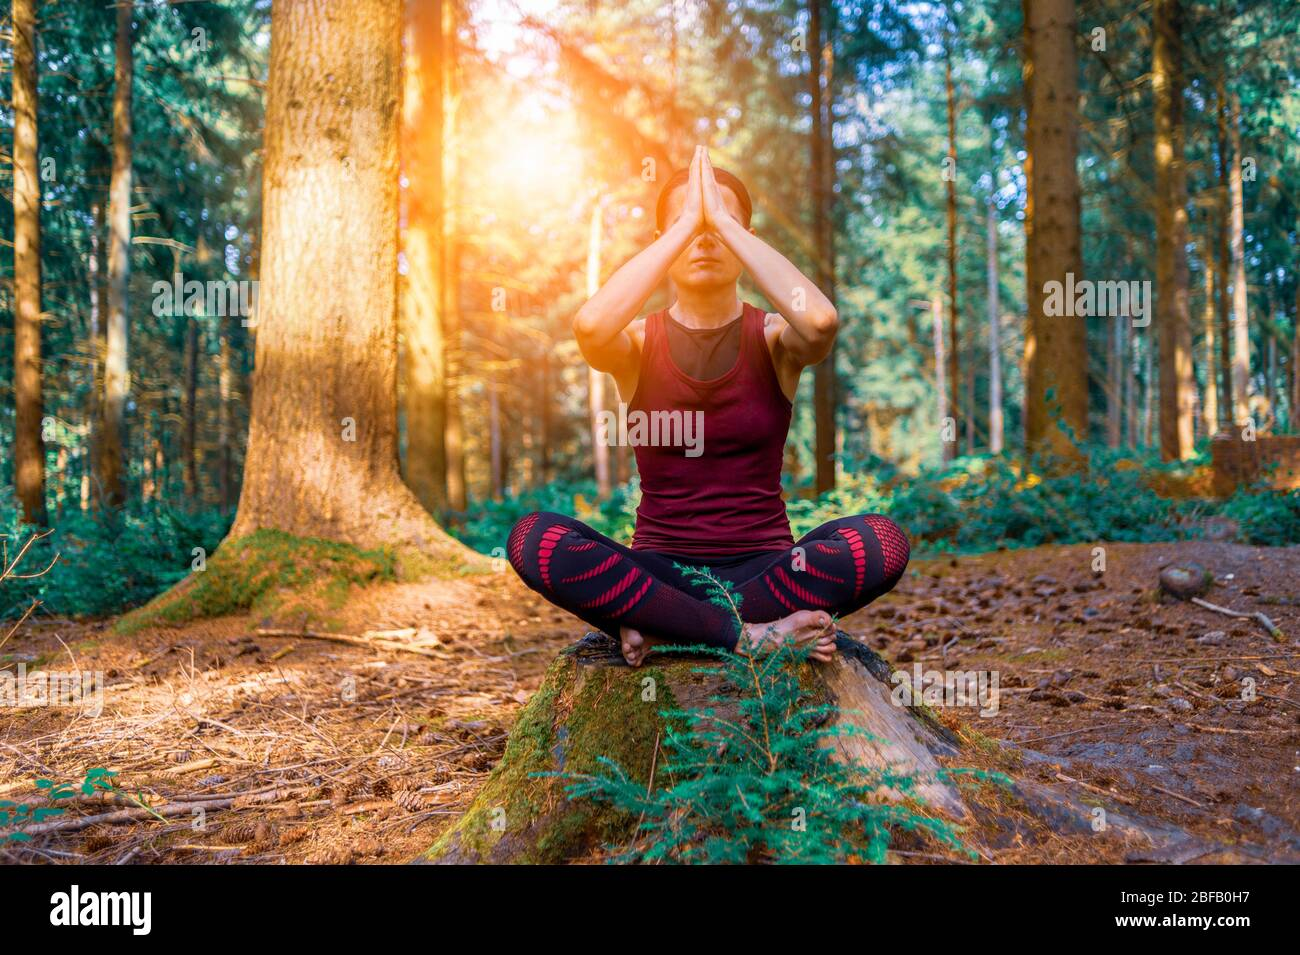 Femme méditant dans le cadre boisé, le yoga du matin dans la forêt. Banque D'Images